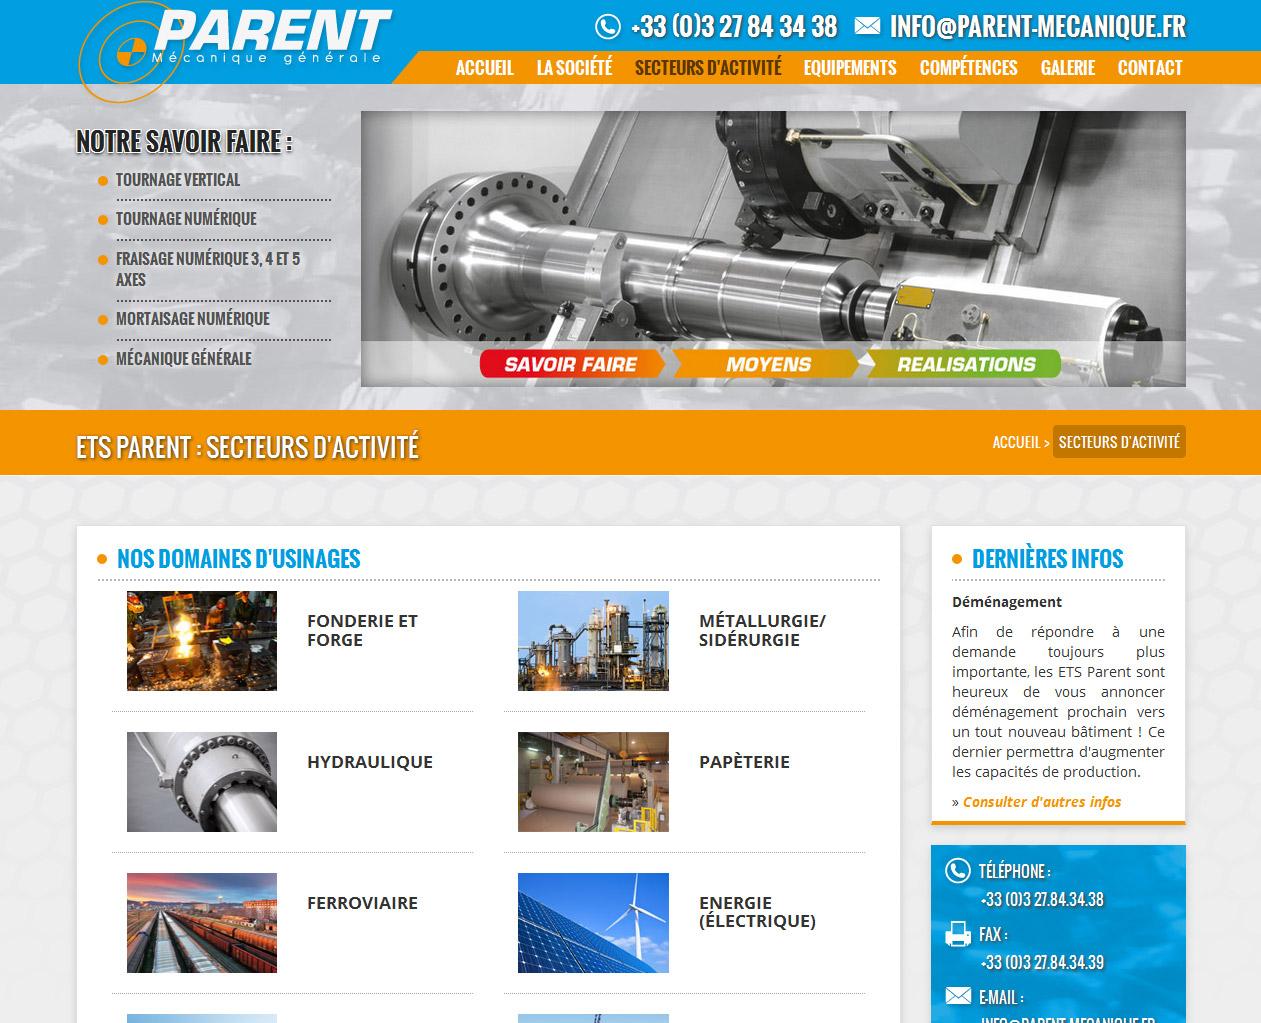 Parent Mecanique